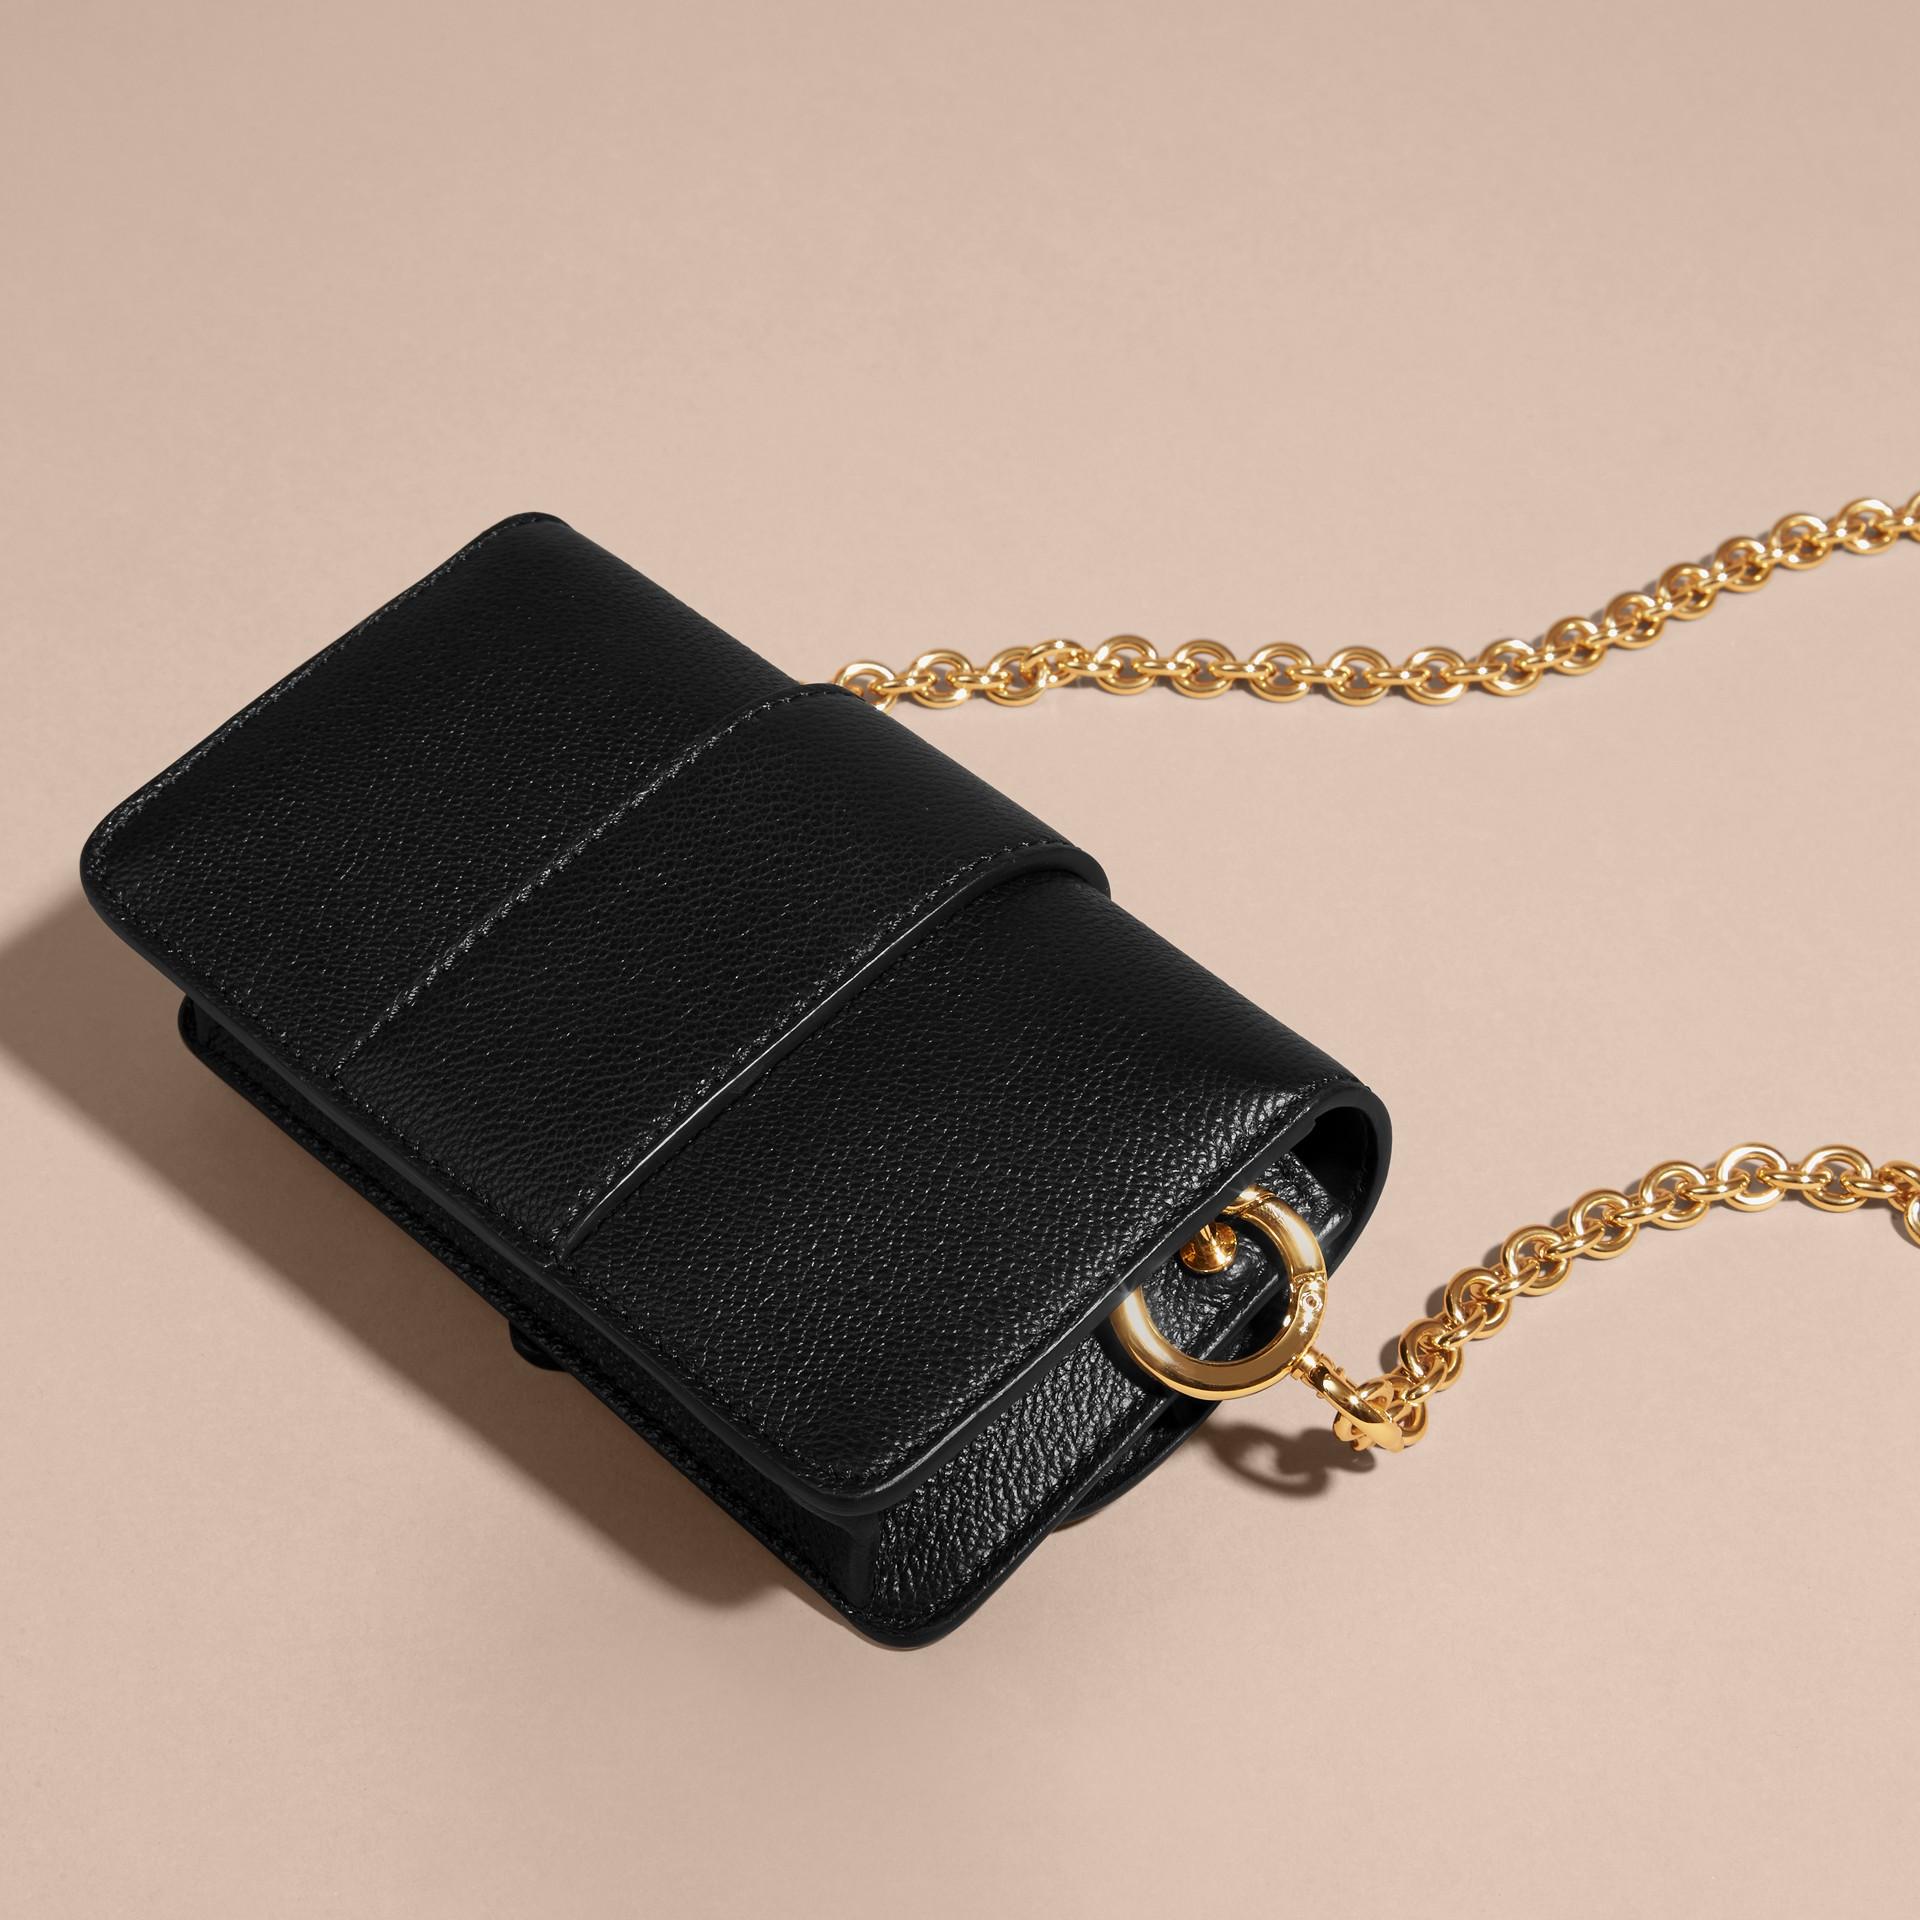 Noir Mini sac The Buckle en cuir grainé Noir - photo de la galerie 8